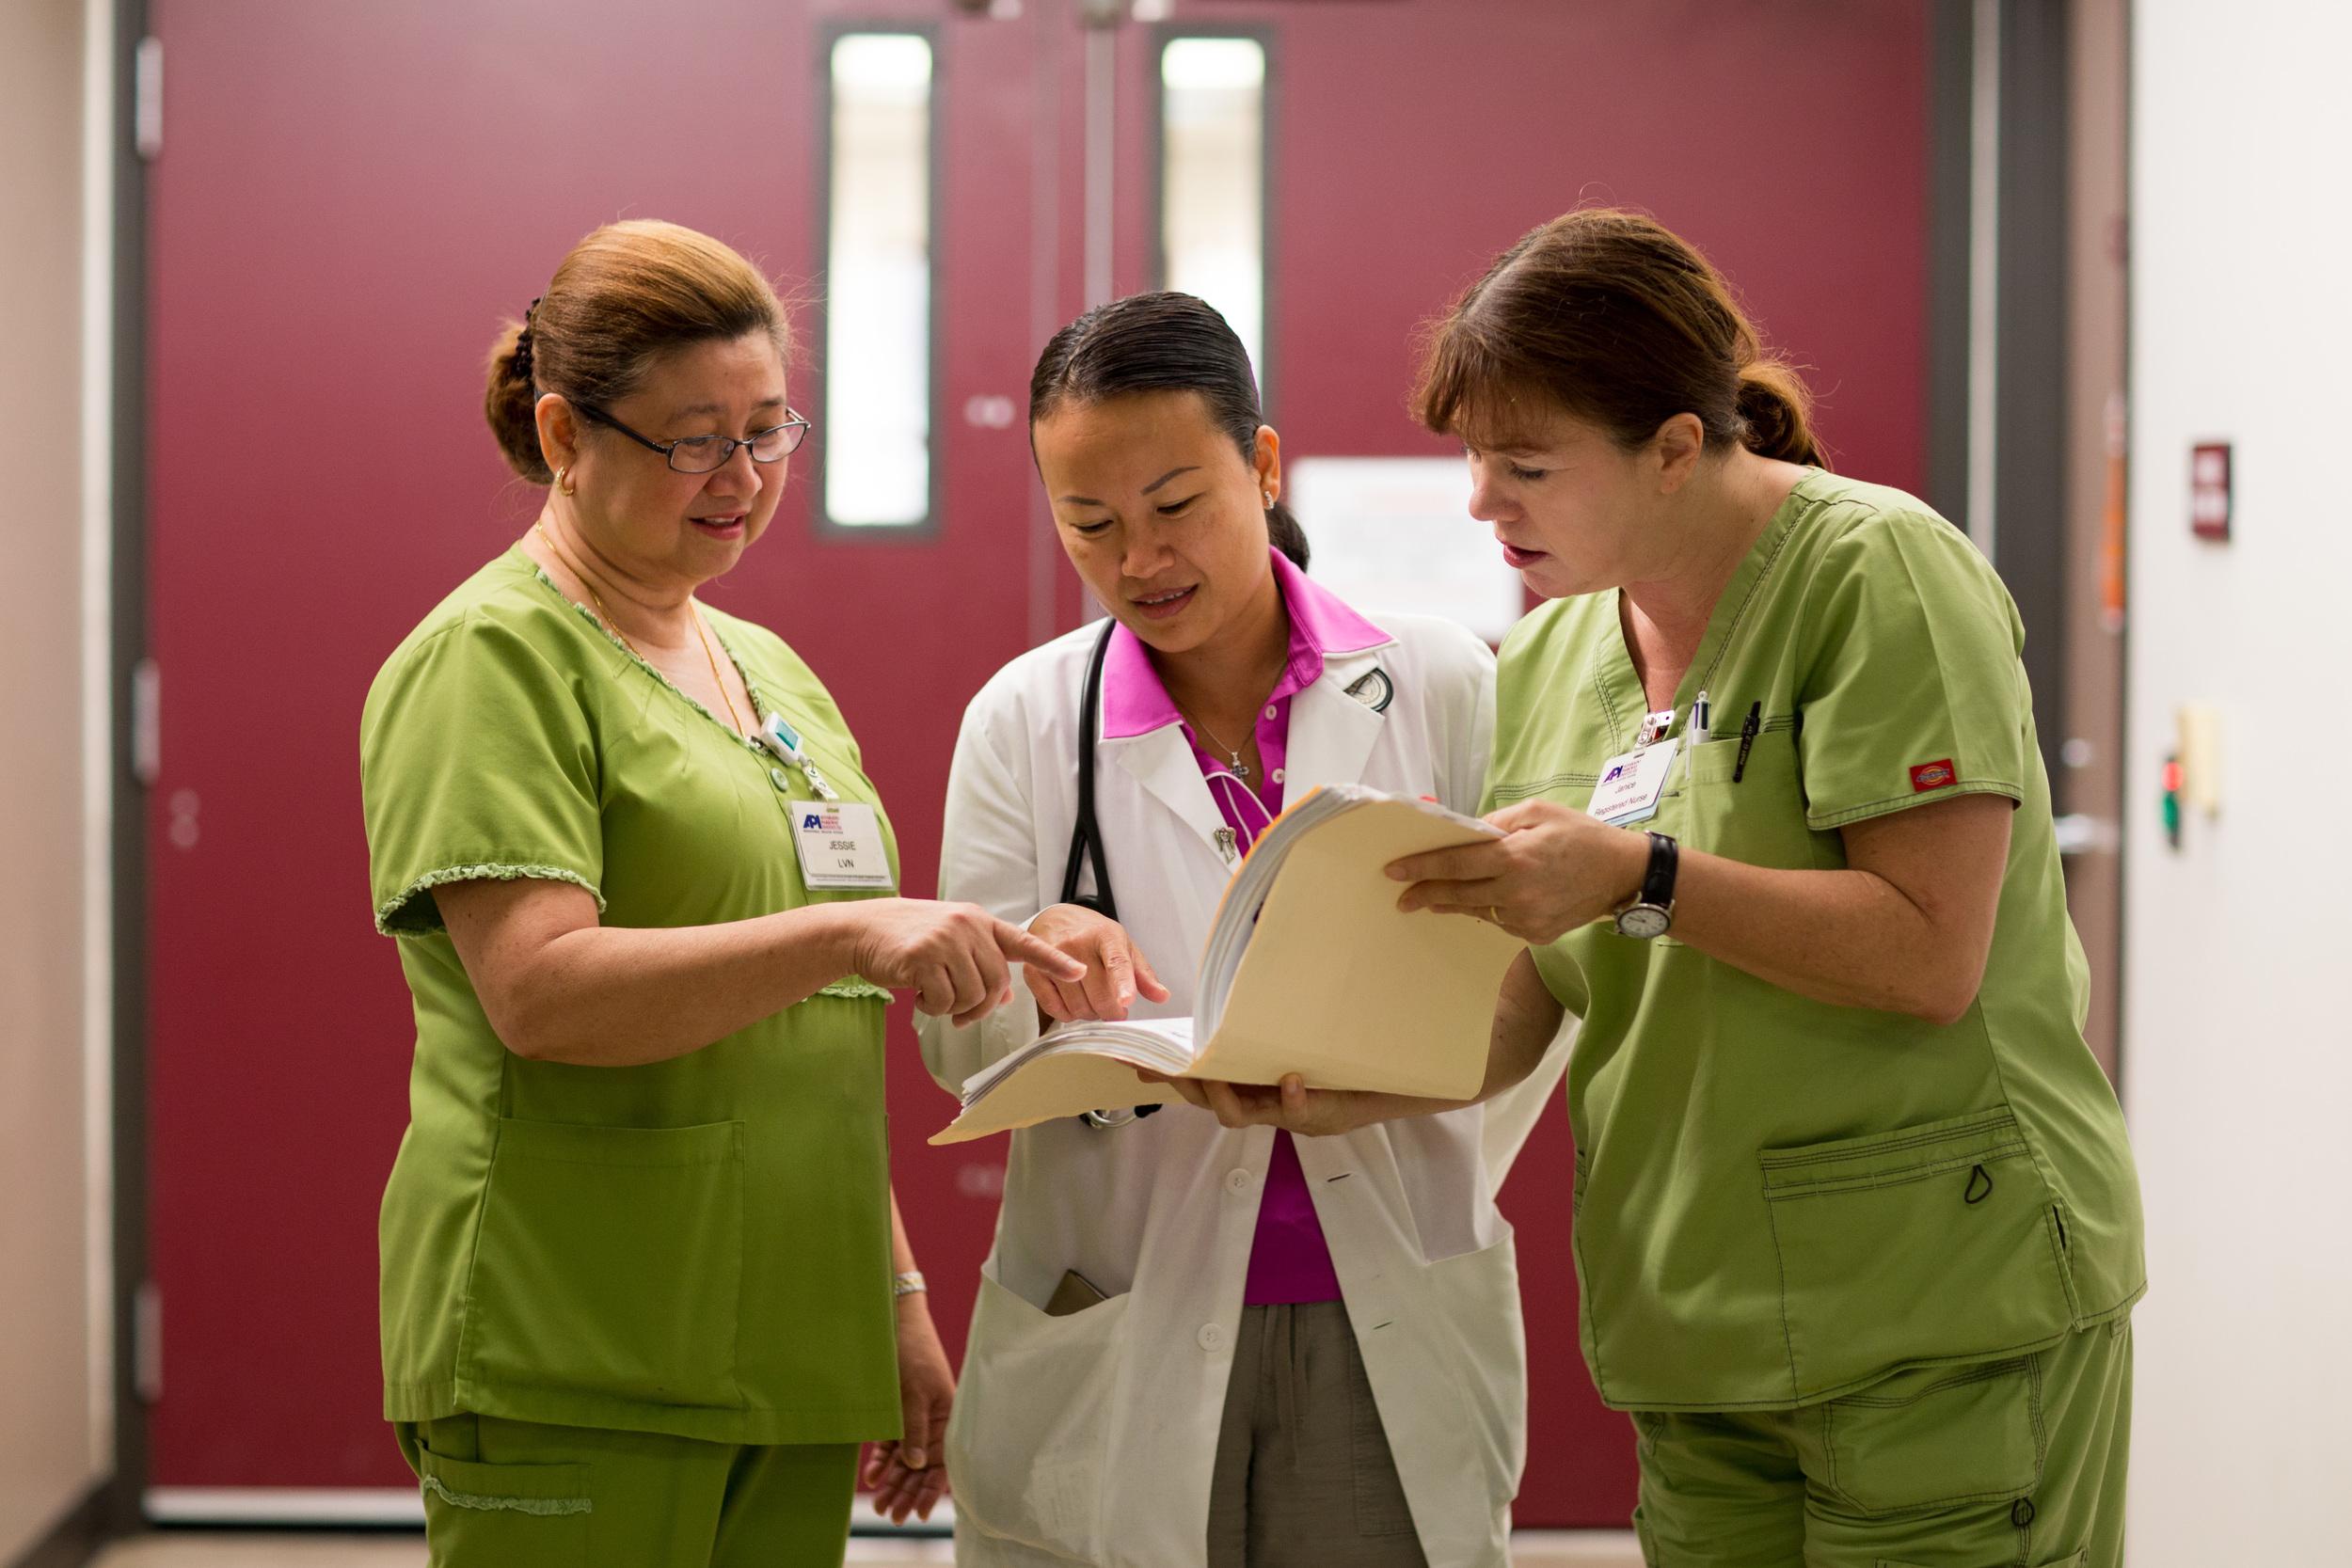 hospital nurses and doctors talking